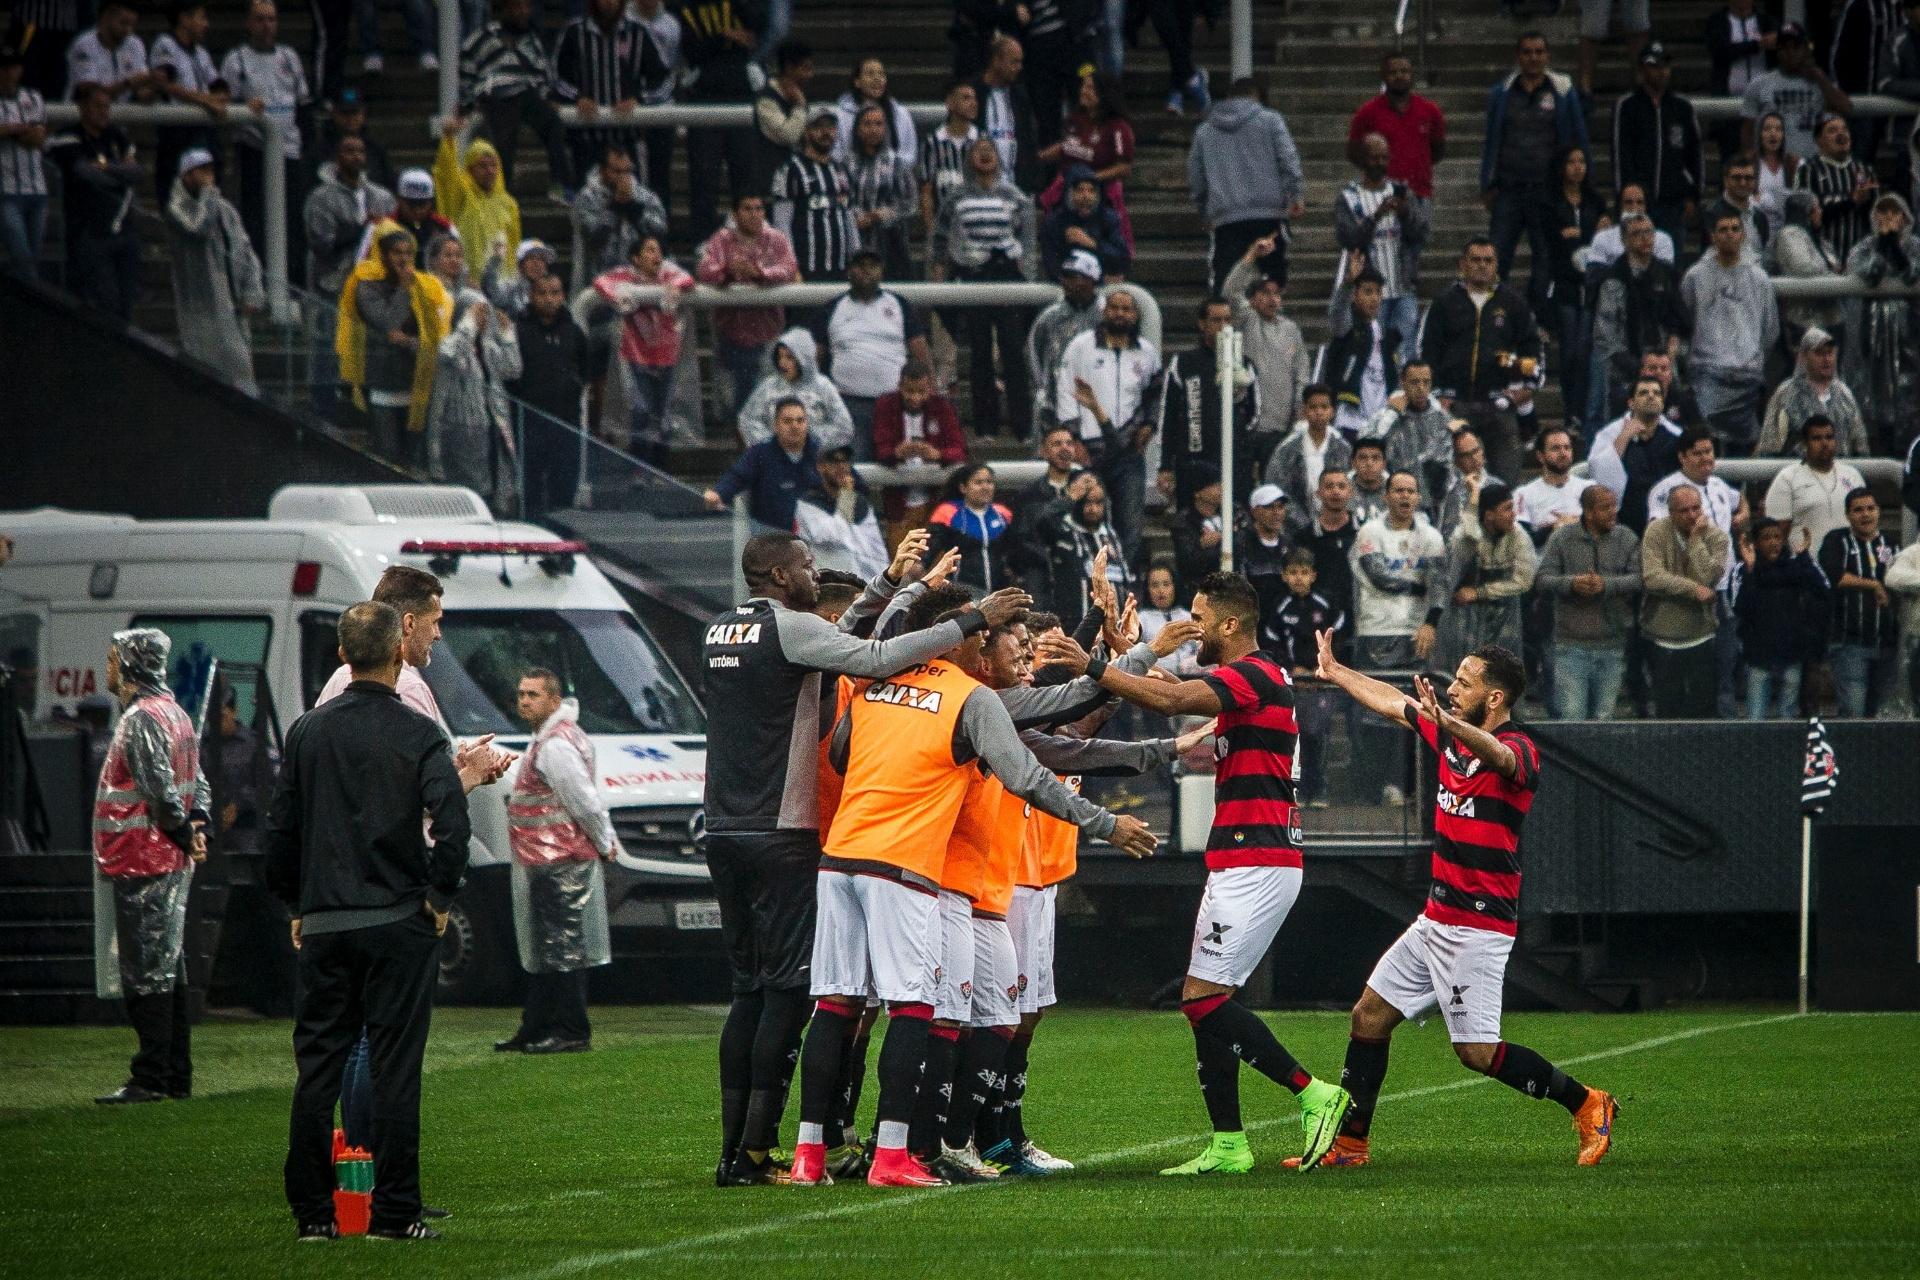 Vitória bate Corinthians e acaba com série invicta de 34 jogos do líder -  19 08 2017 - UOL Esporte 42bce33d9909a